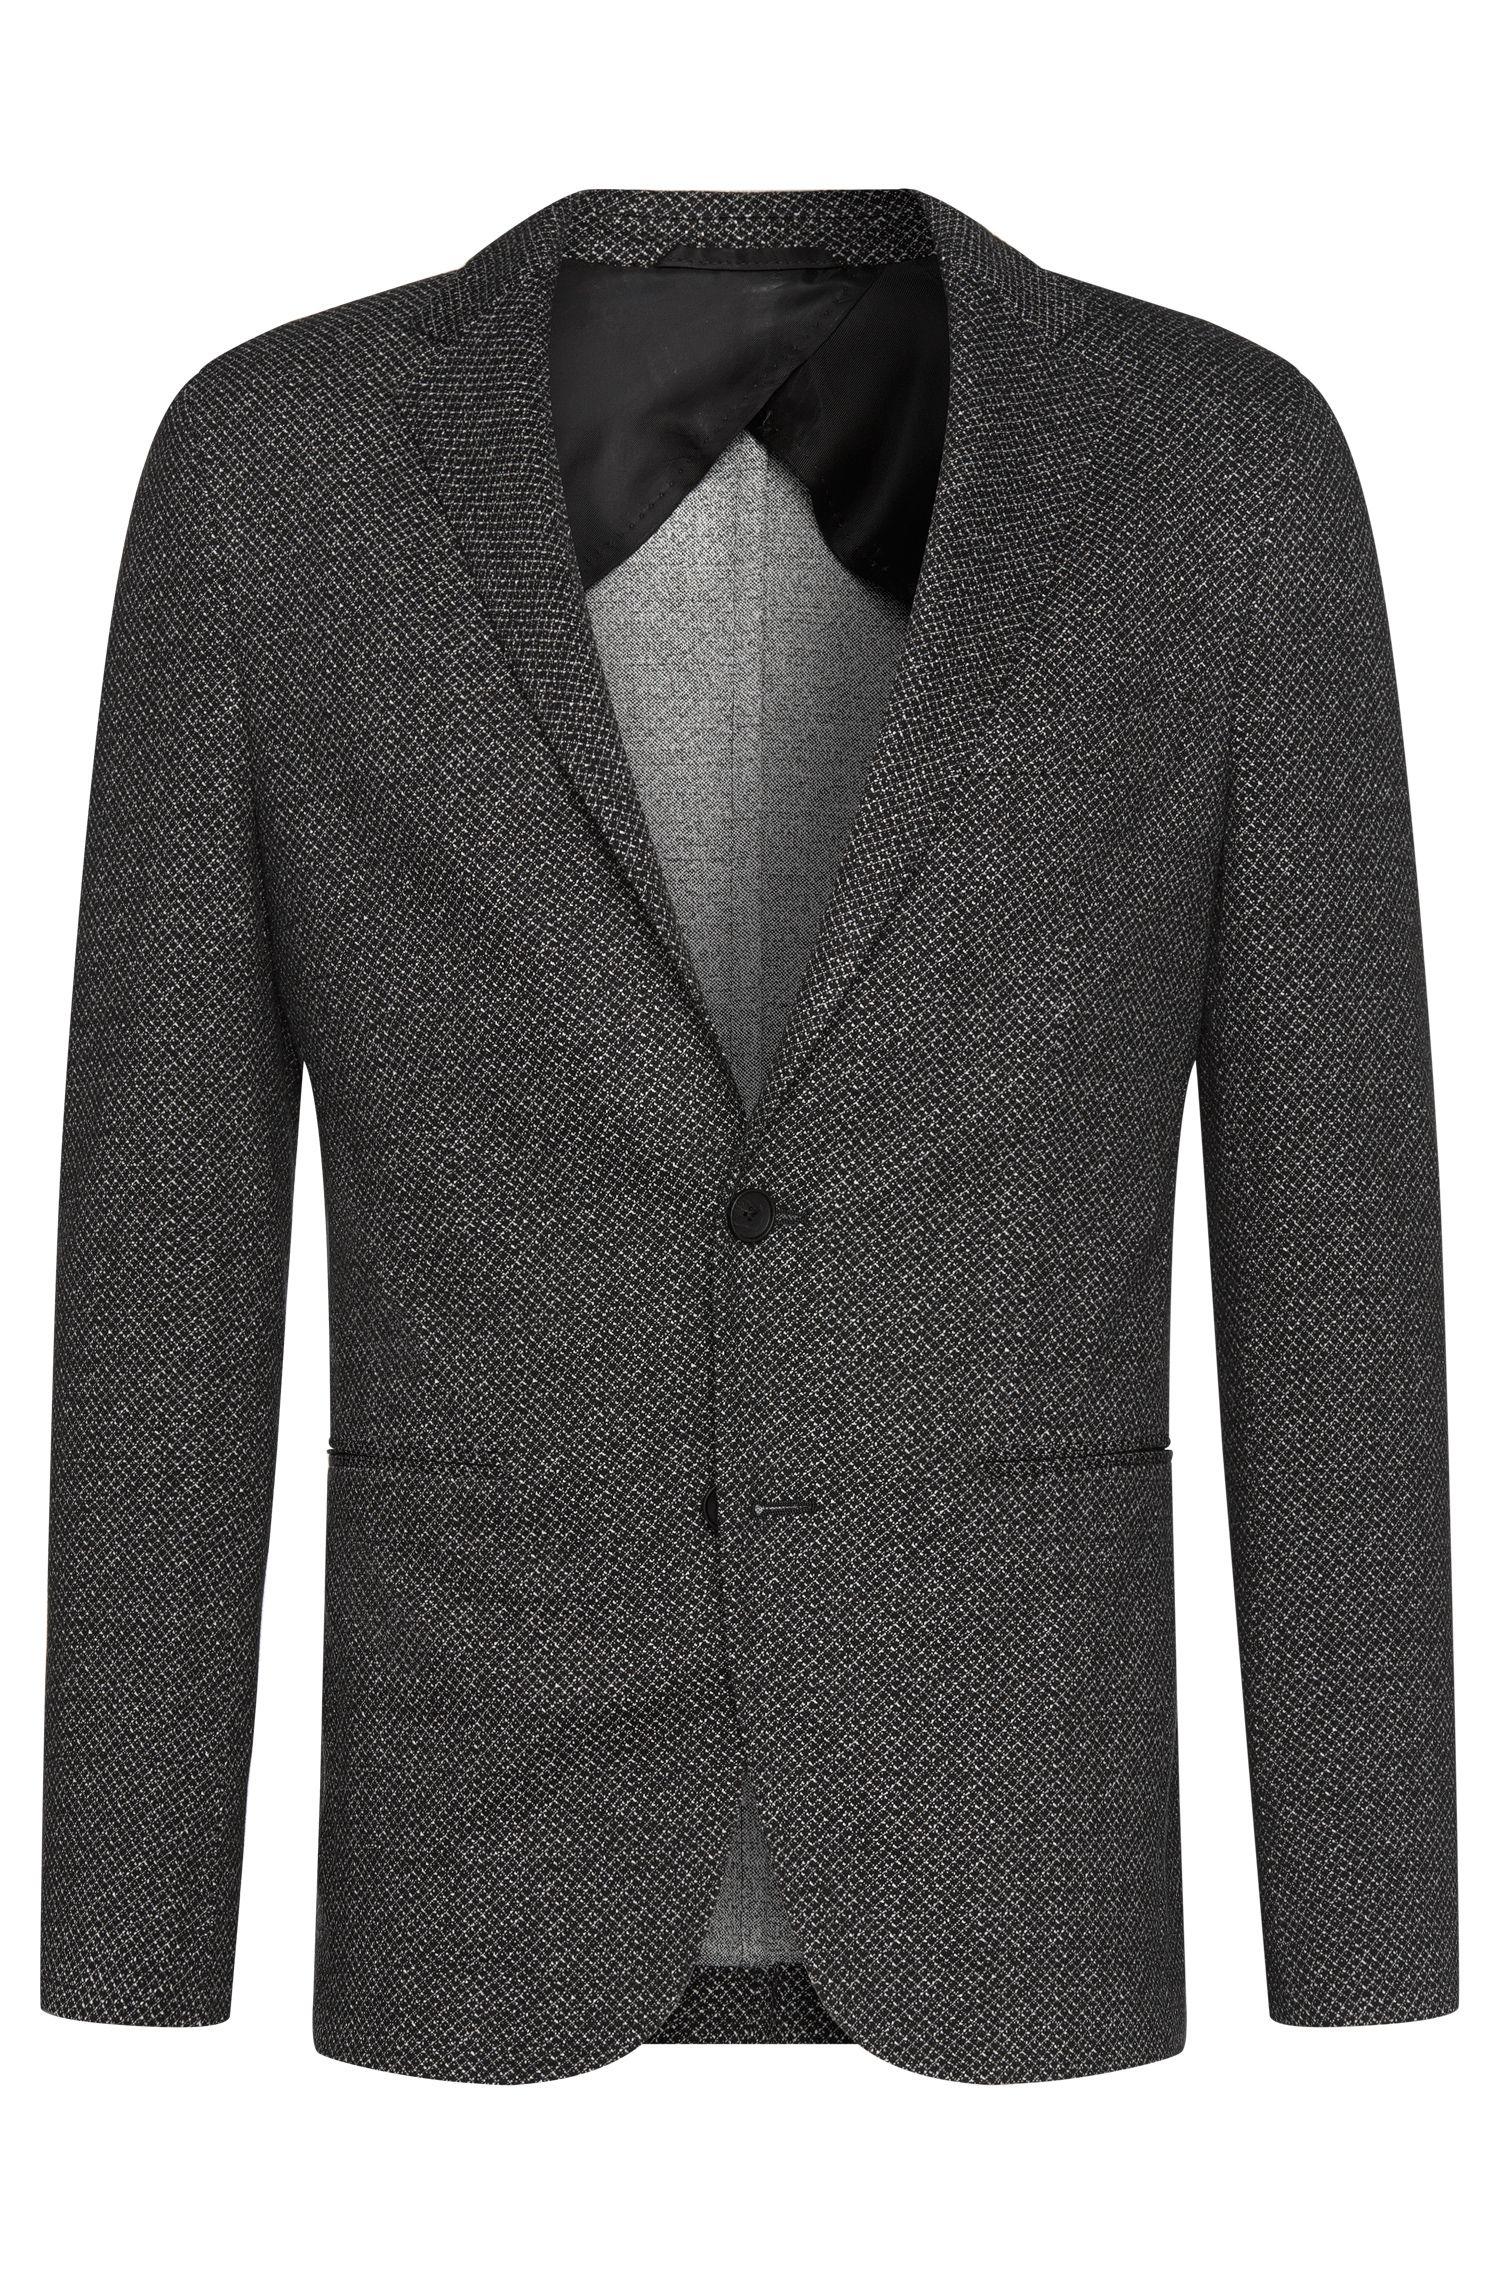 'Norwin' | Slim Fit, Jersey Patterned Sport Coat